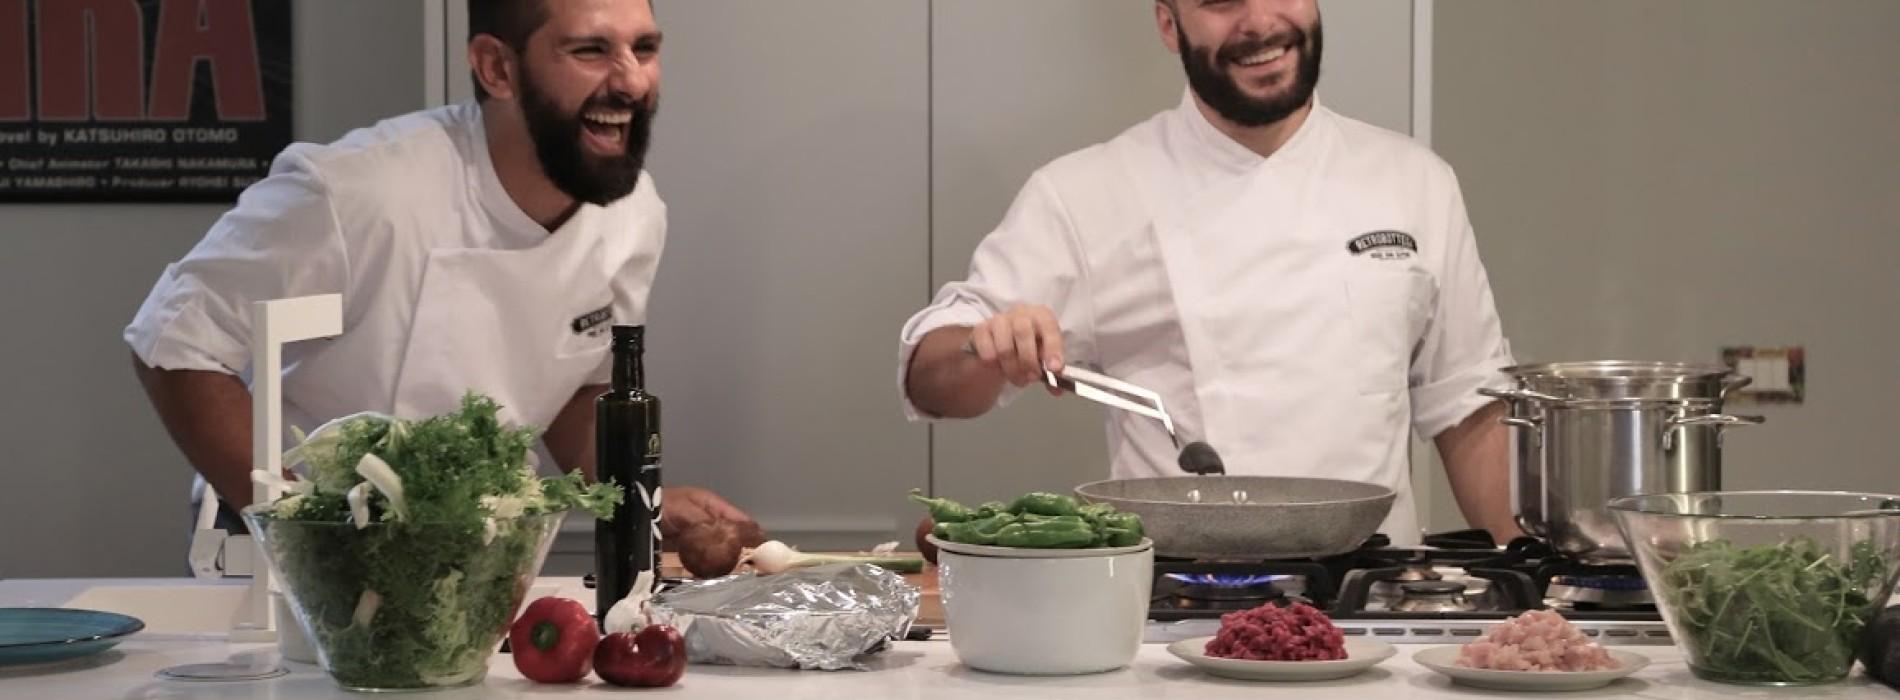 Retrobottega Roma, cucina conviviale (senza sprechi e senza camerieri)